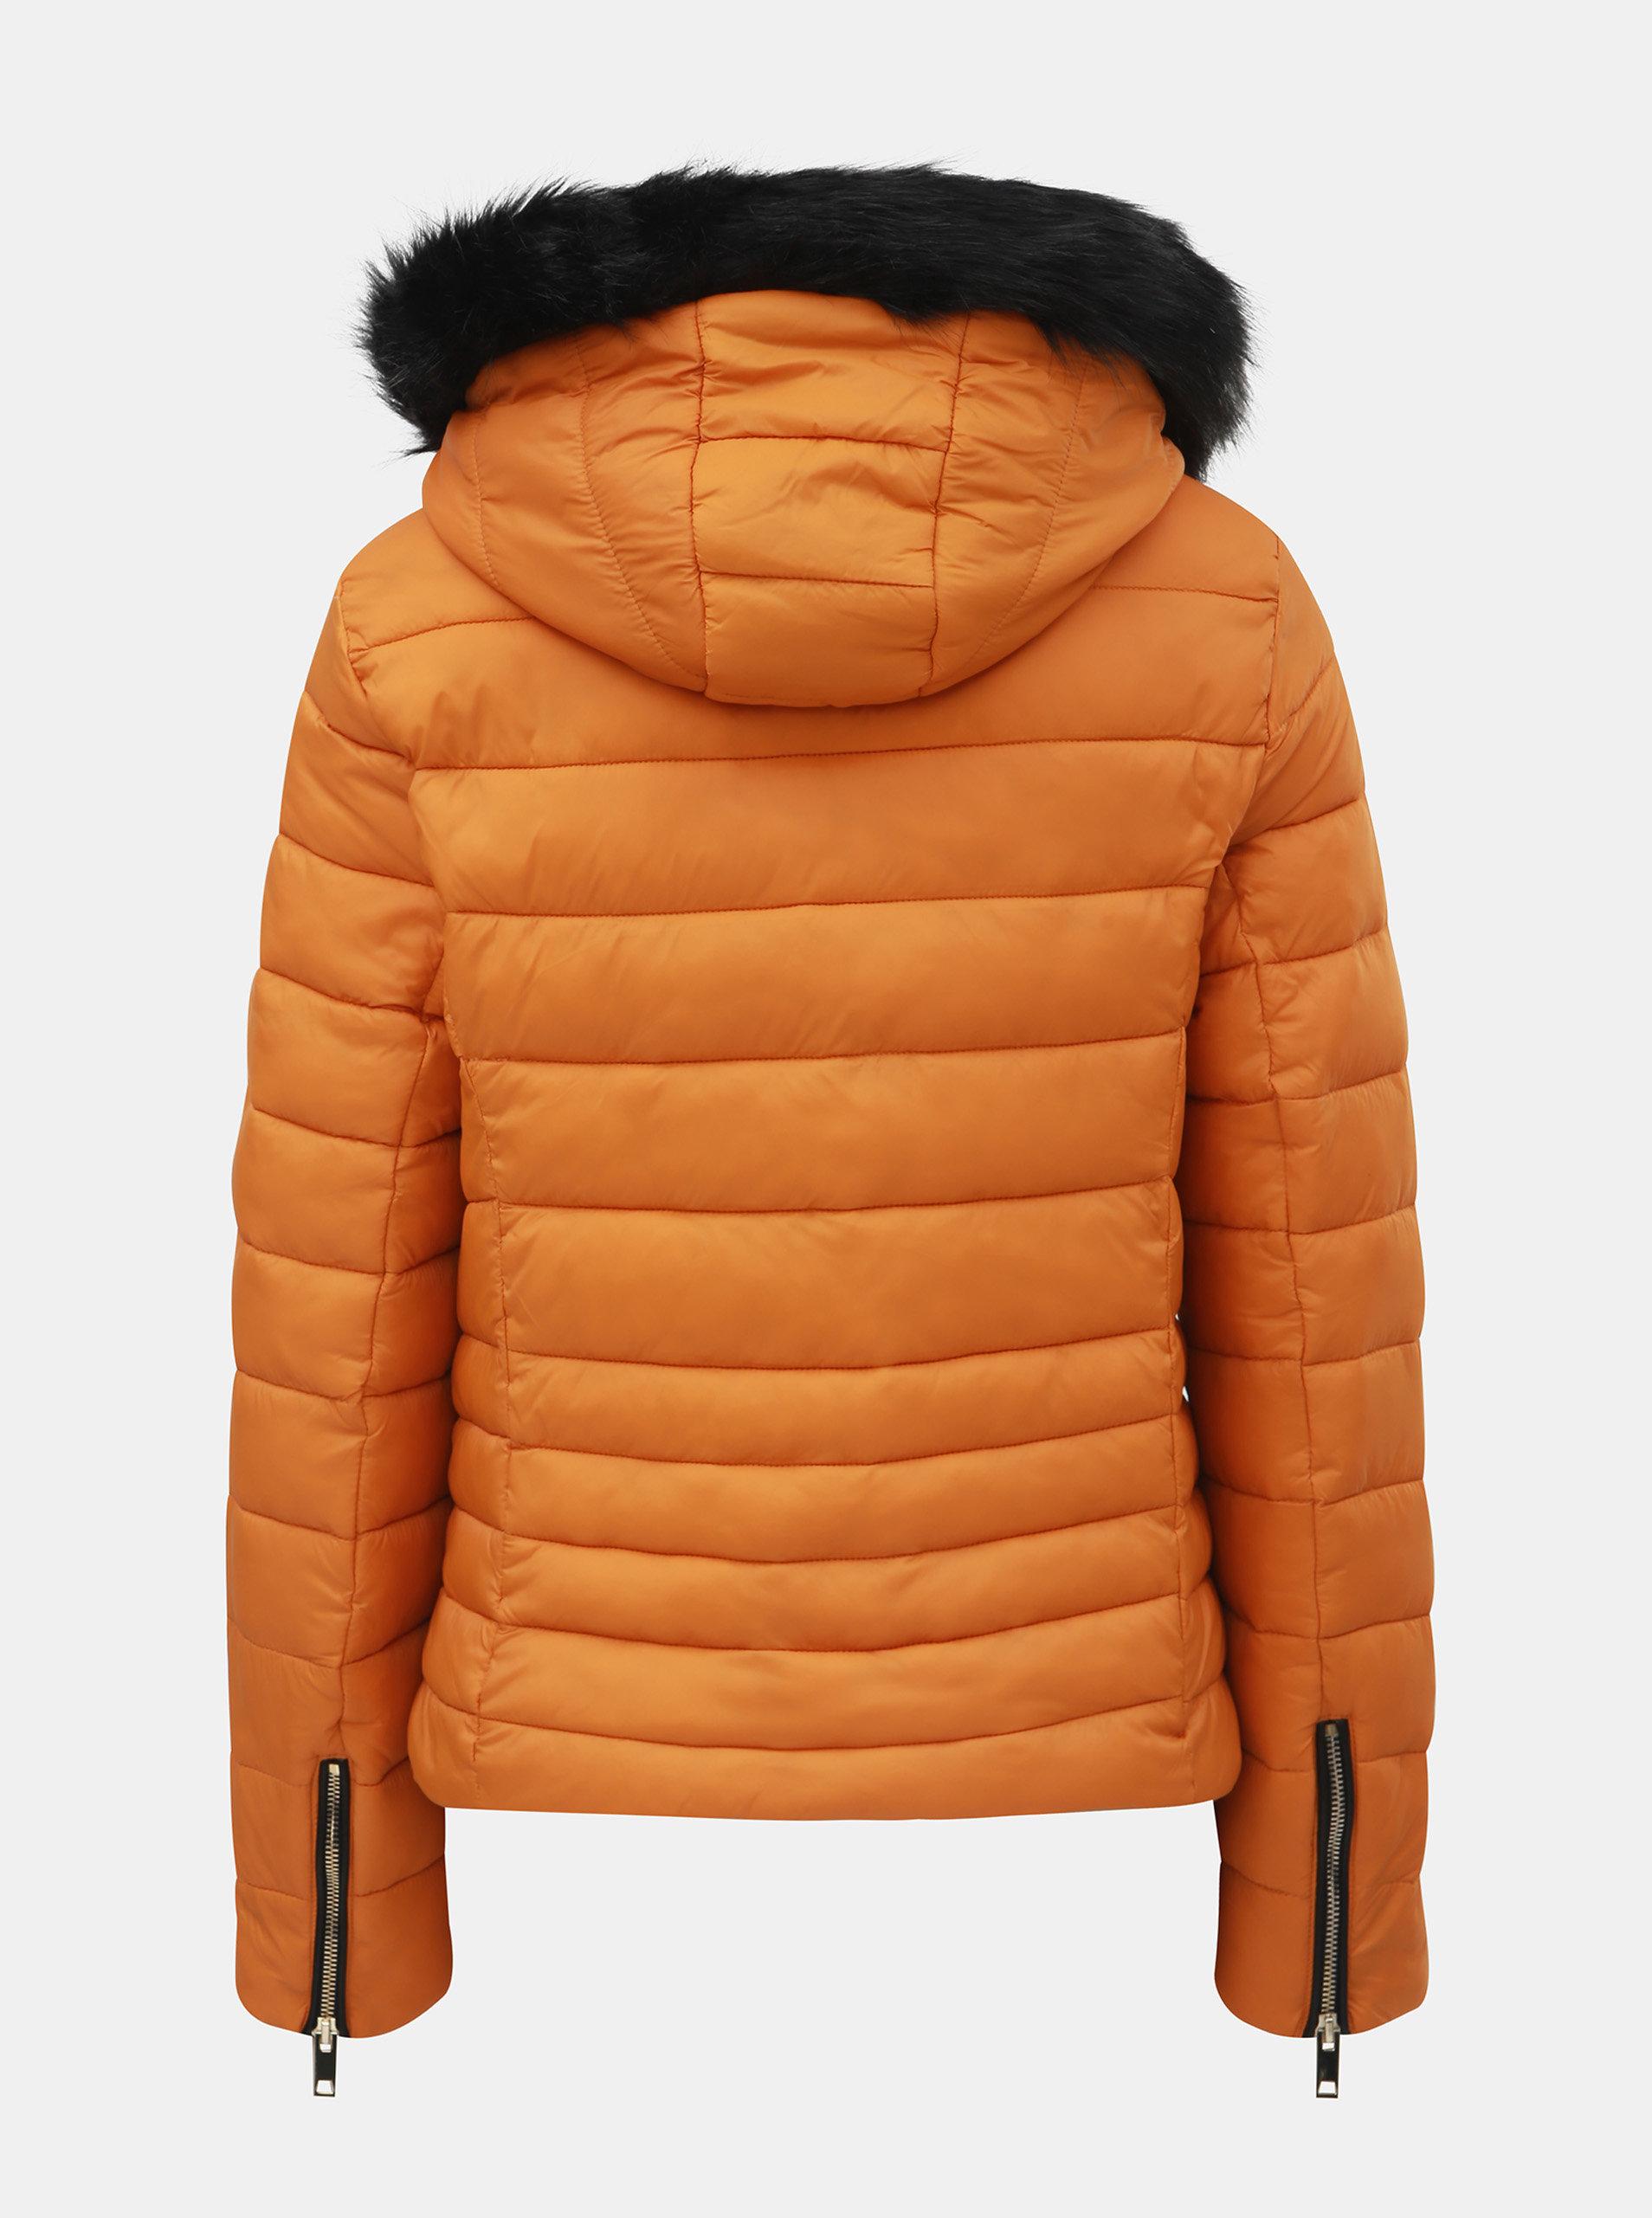 6b97127b670 Oranžová zimní prošívaná bunda s odnímatelnou kapucí TALLY WEiJL ...